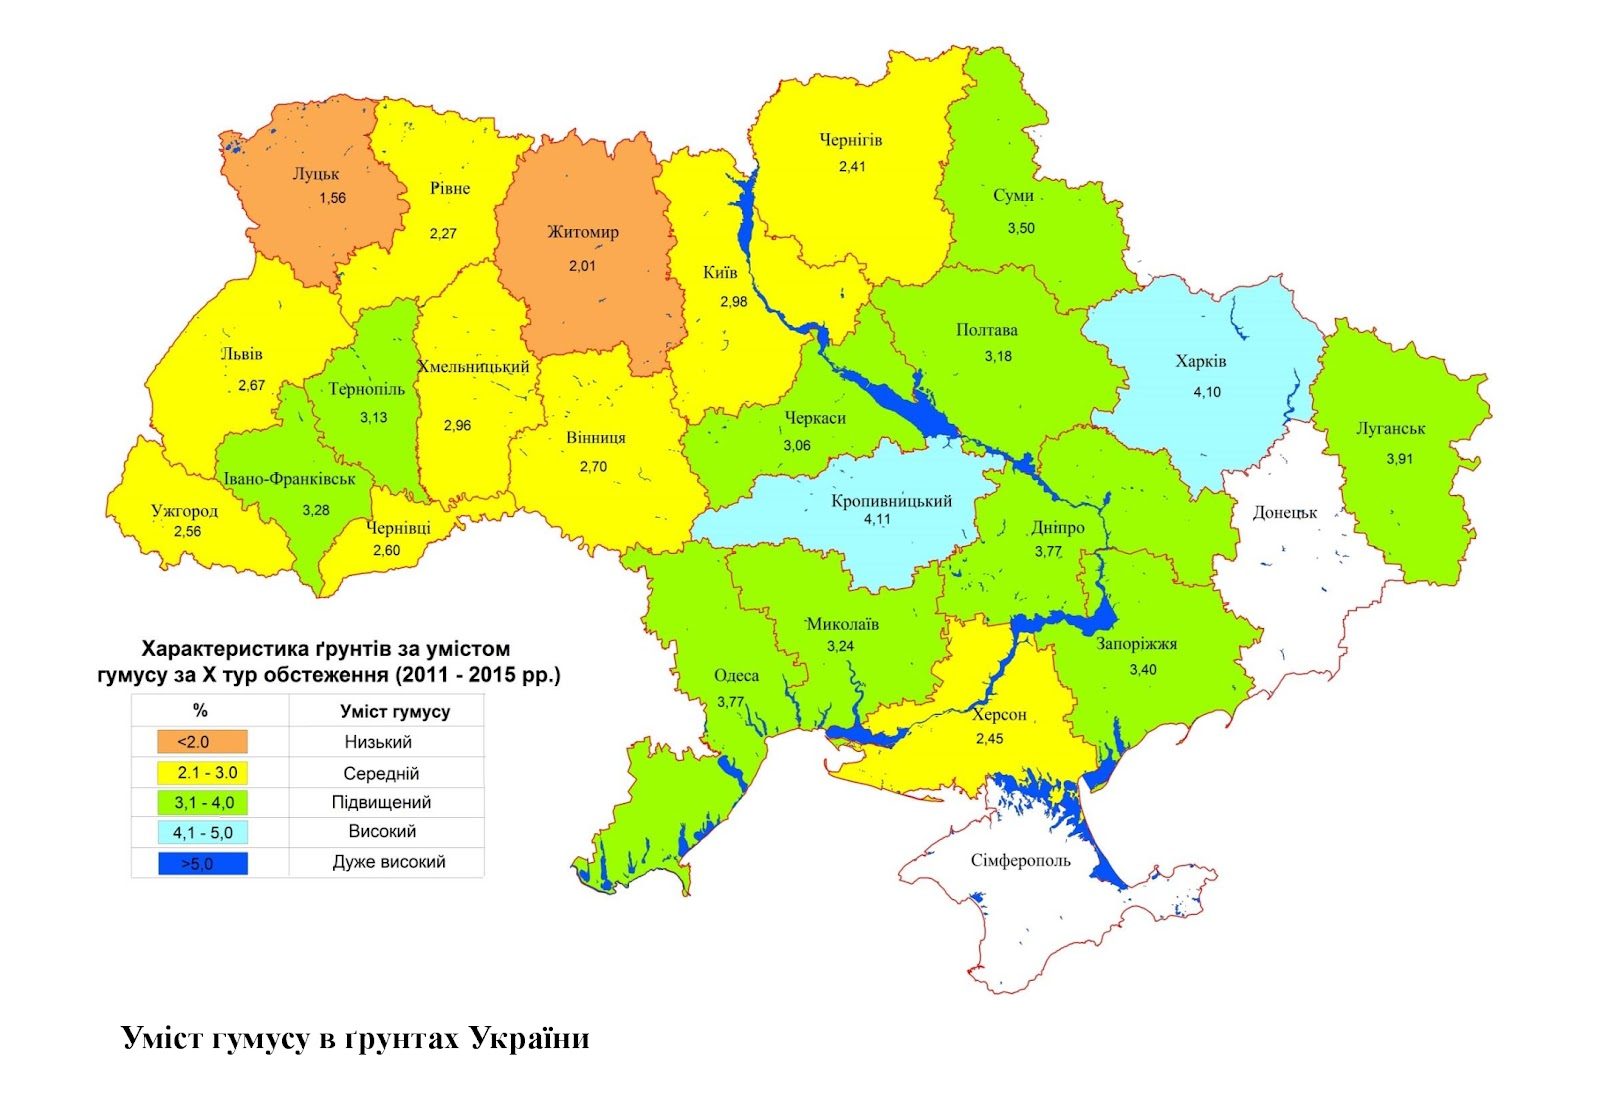 """""""Знищено"""" вже понад 1 млн гектарів українських ґрунтів: які регіони постраждали найбільше , фото-3"""